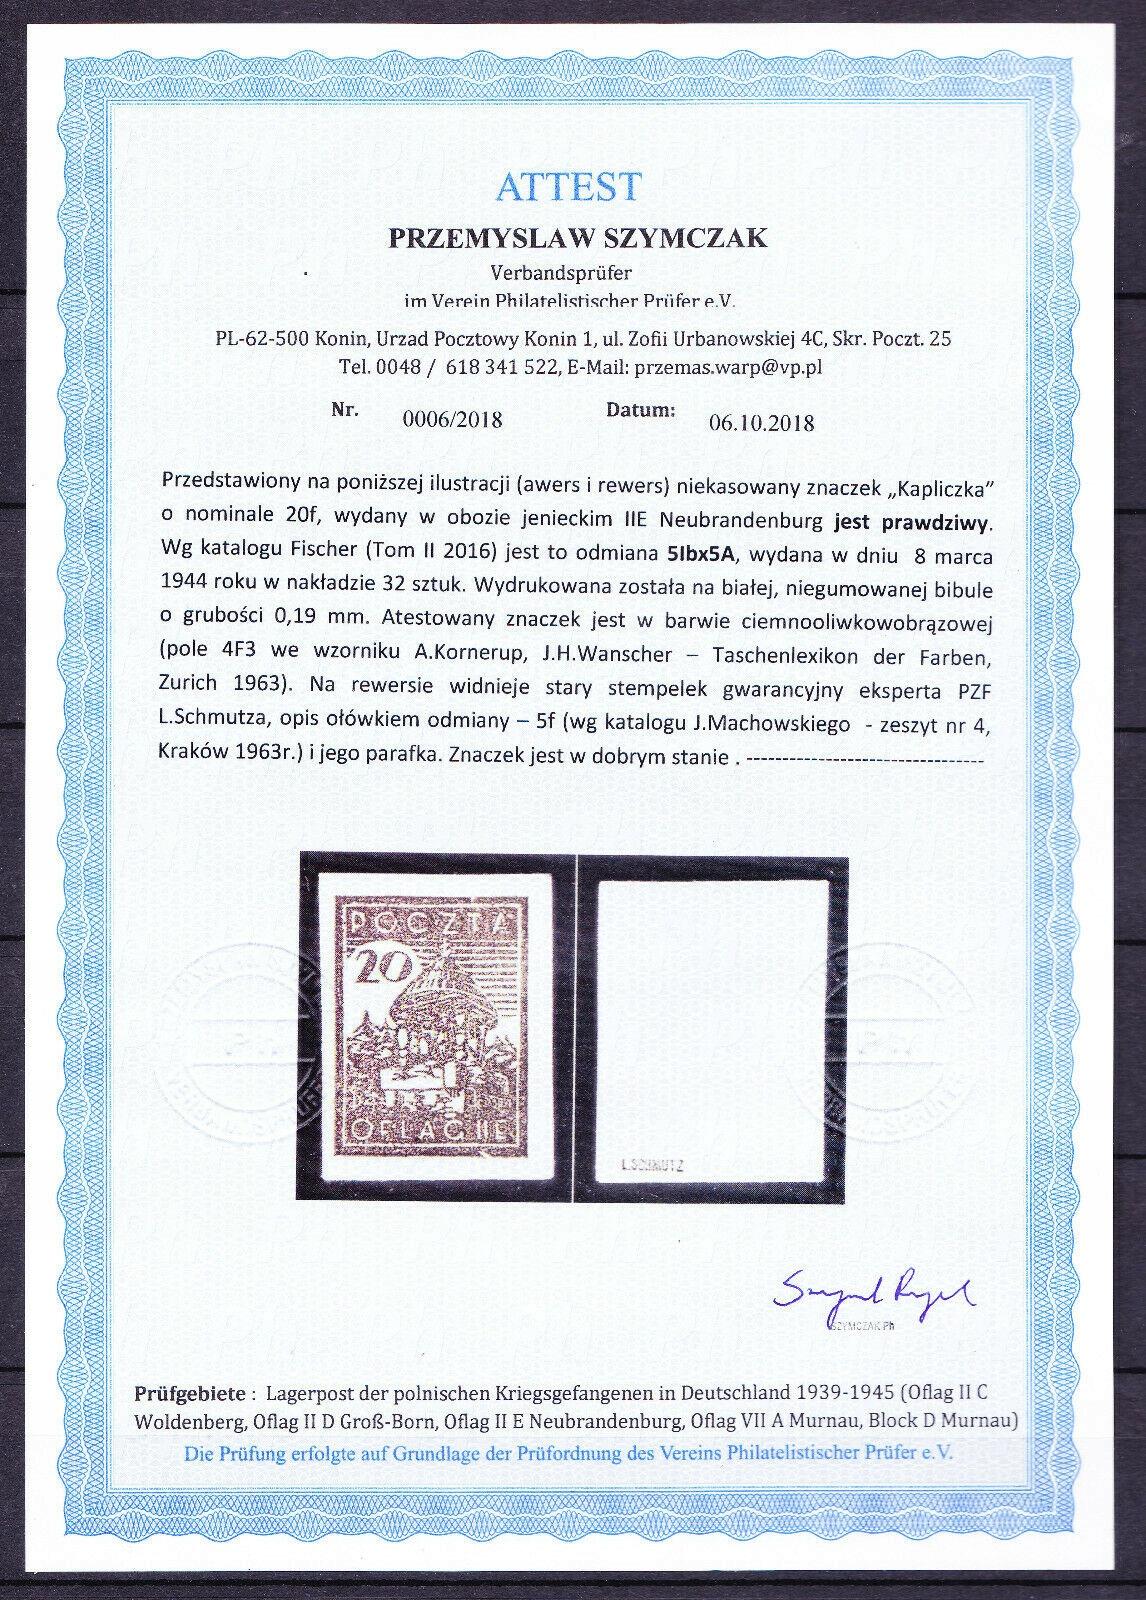 NEUBRANDENBURG Fi 5Ibx5 atest katalog 4500